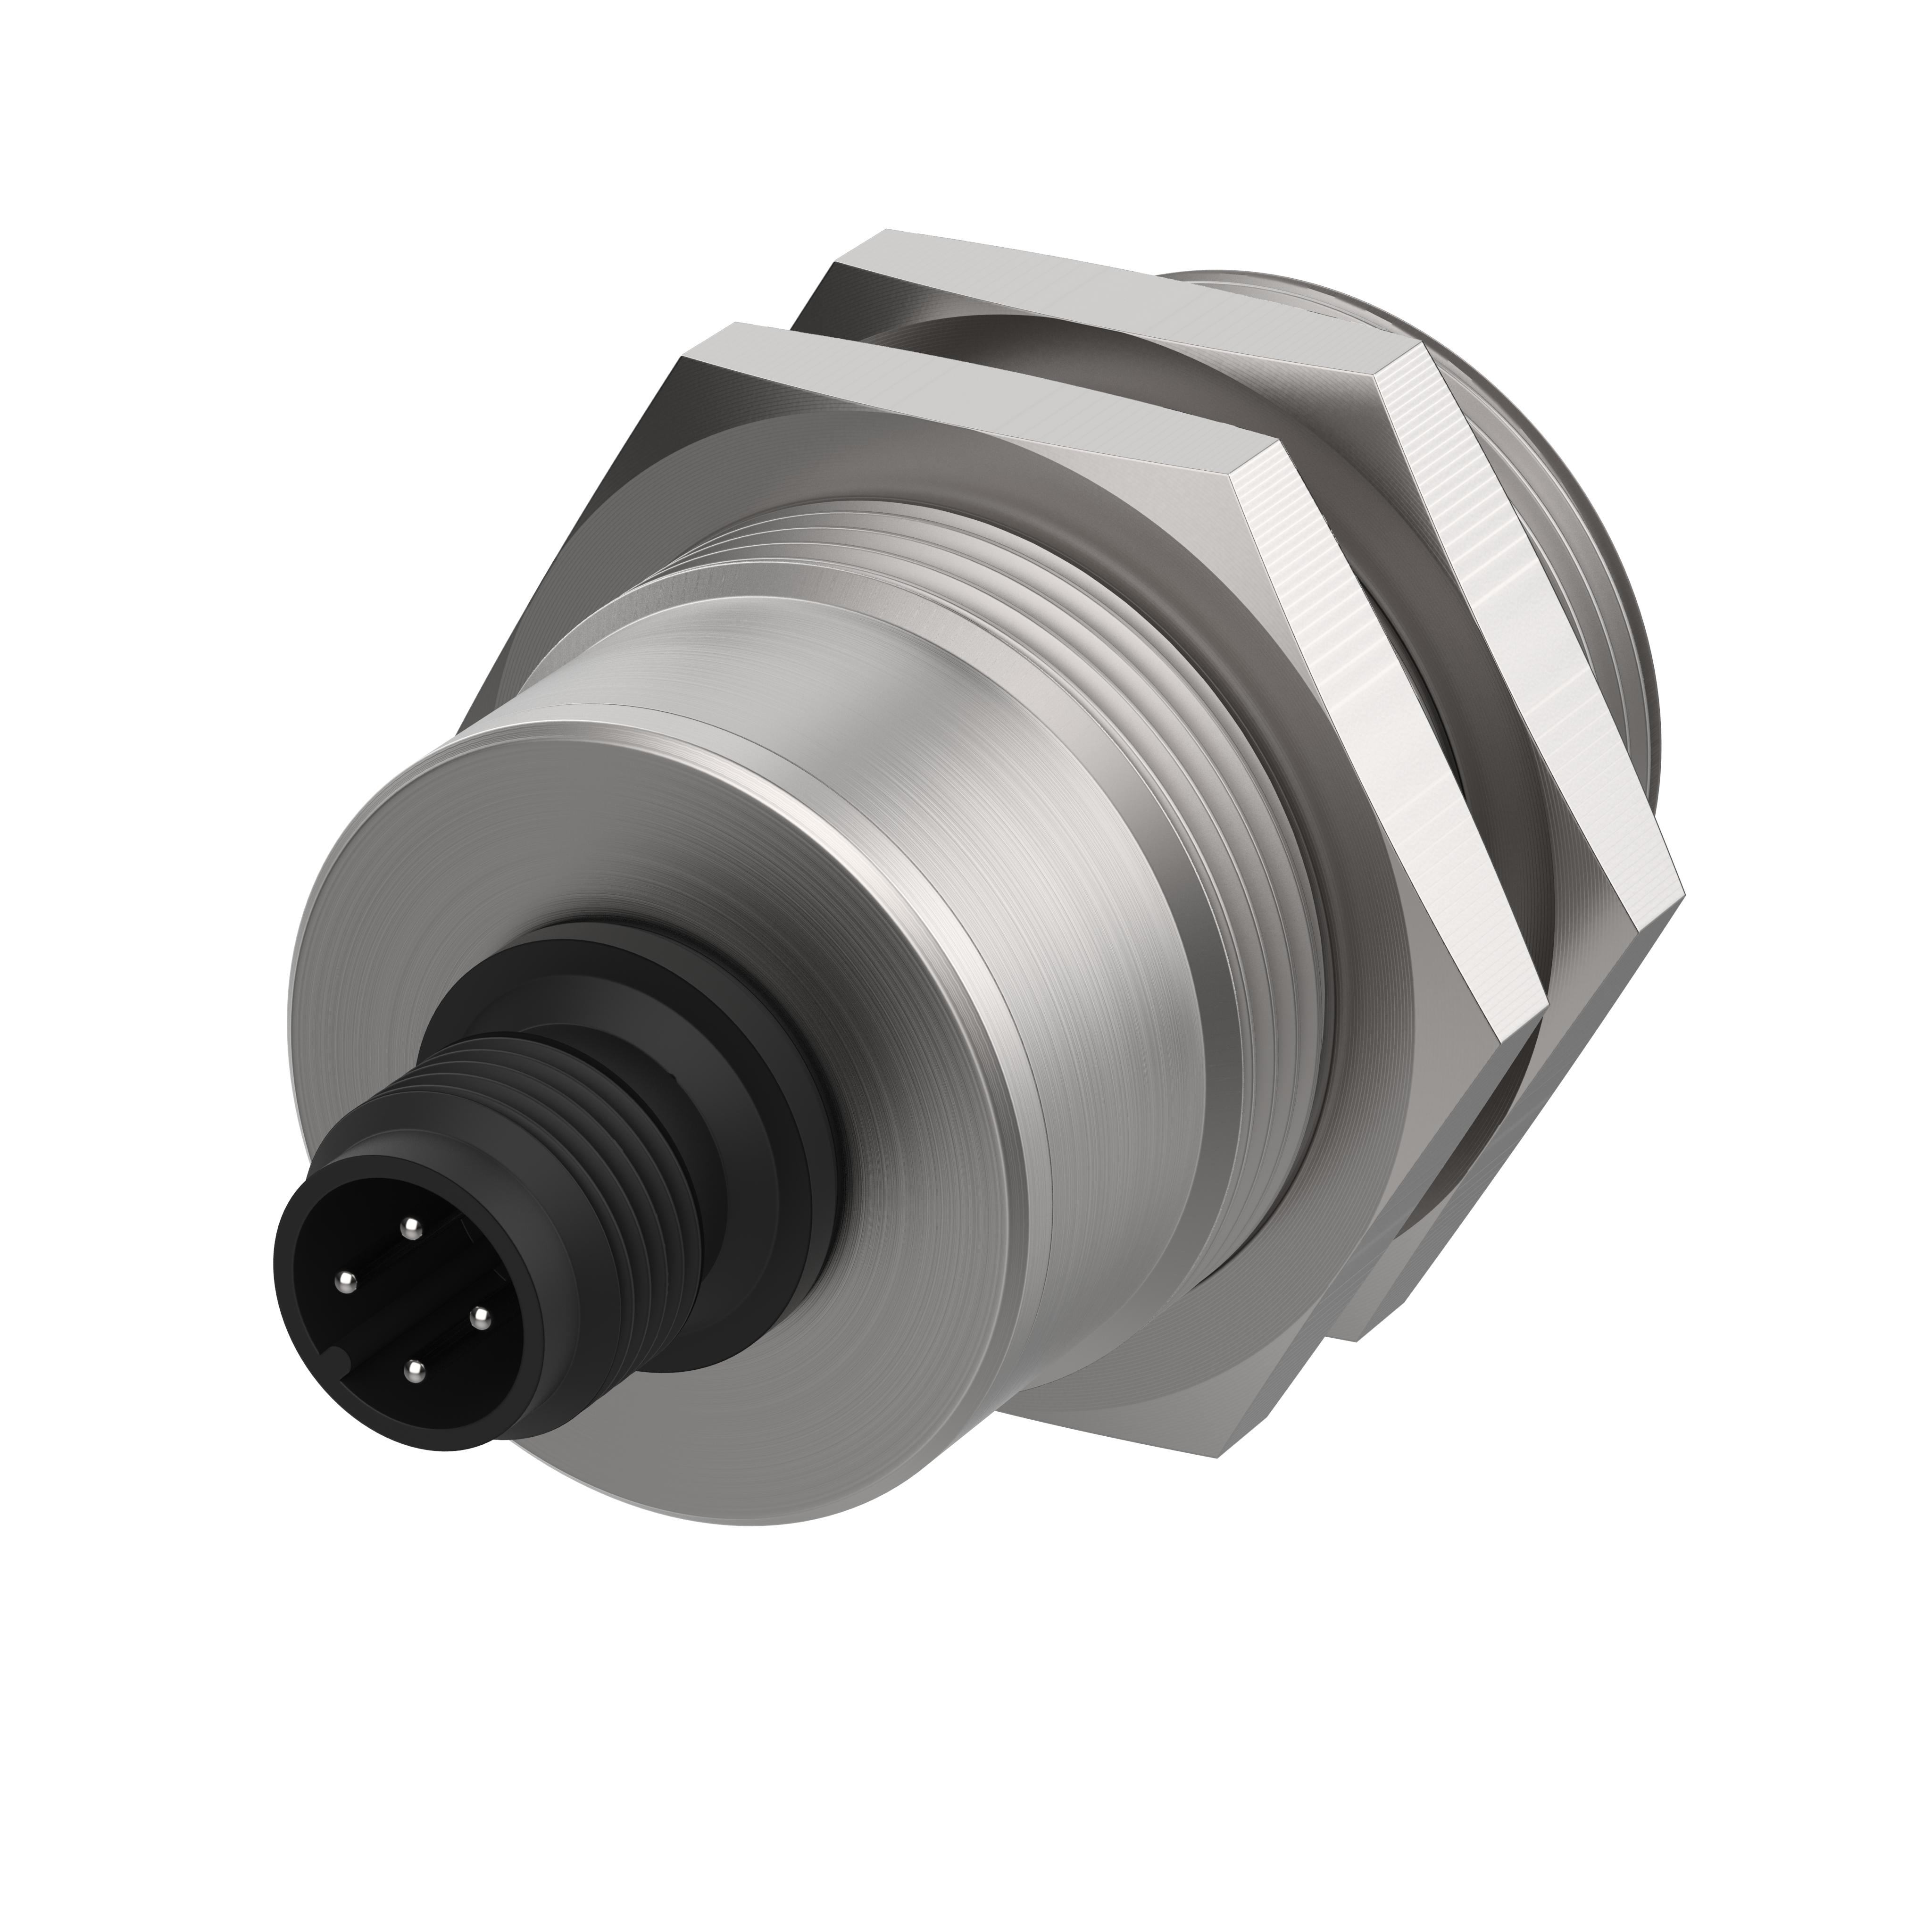 Sicherheitssensor - 171271VZ - magnetisch betätigt - Schließer/Öffner,  Einbaustecker M12